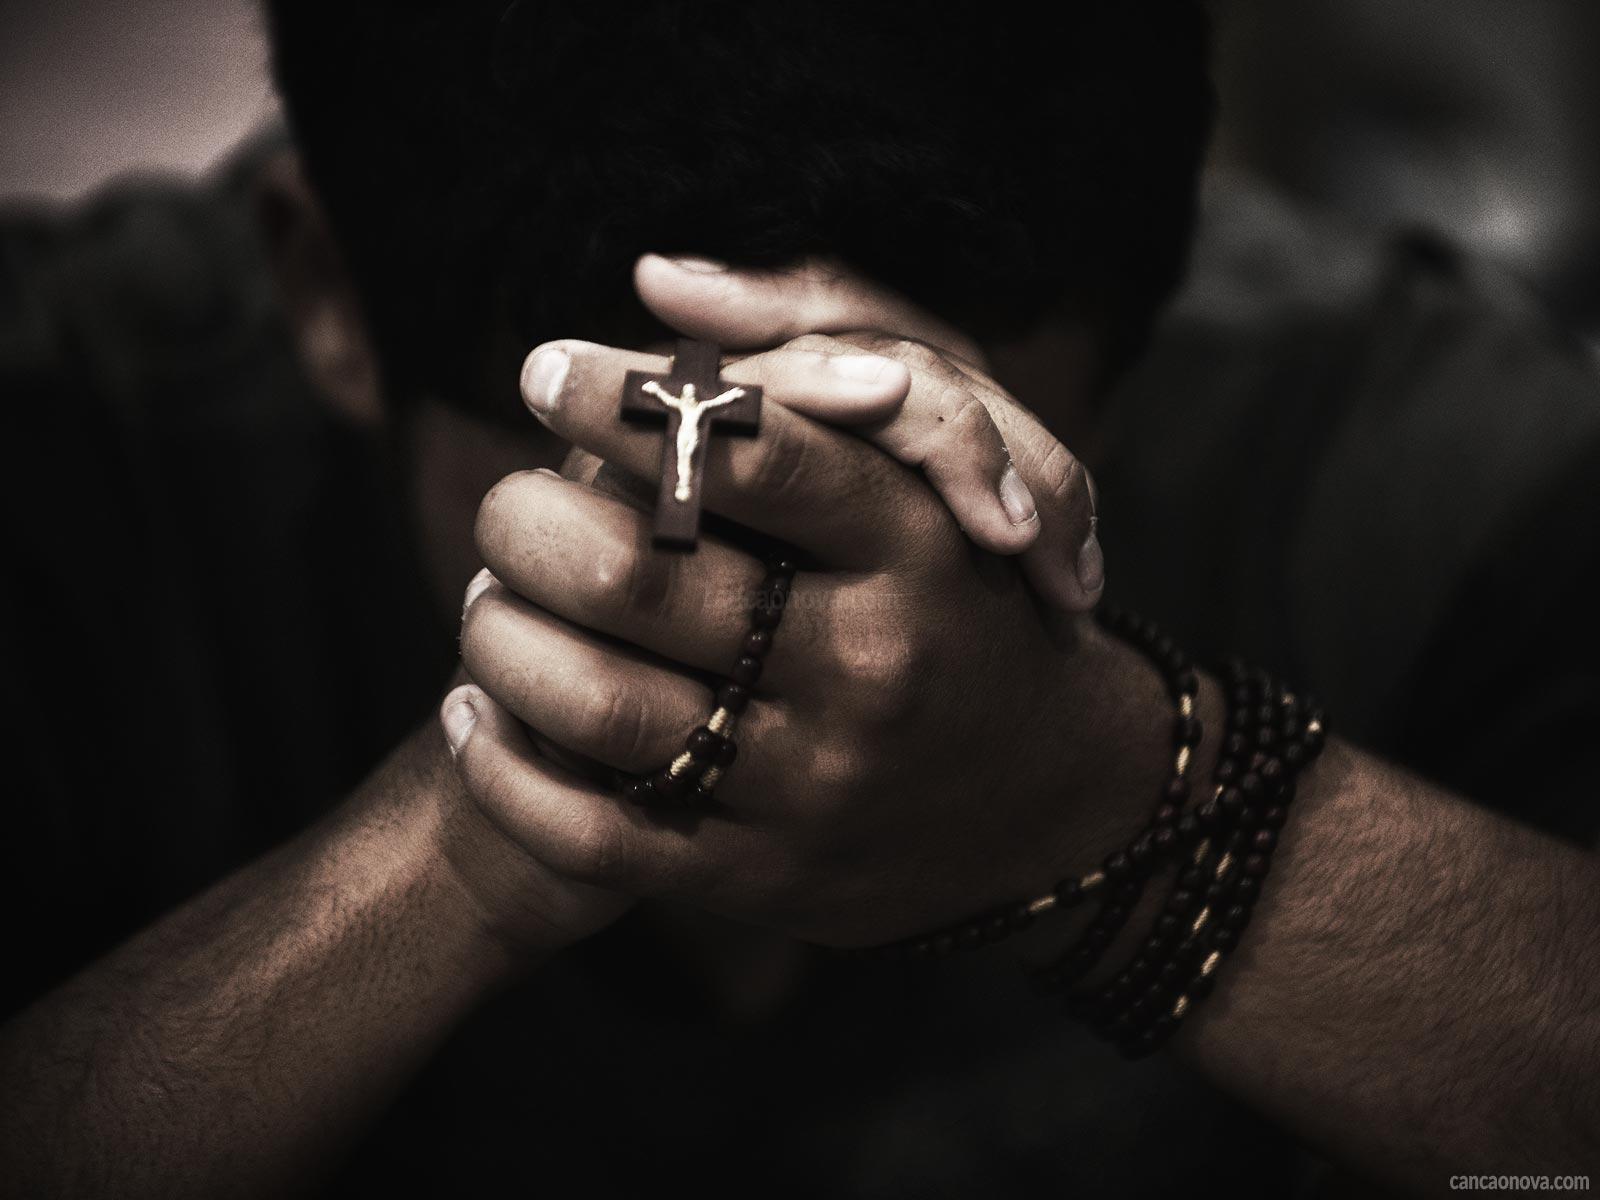 Oração nos mais altos graus do caminho espiritual